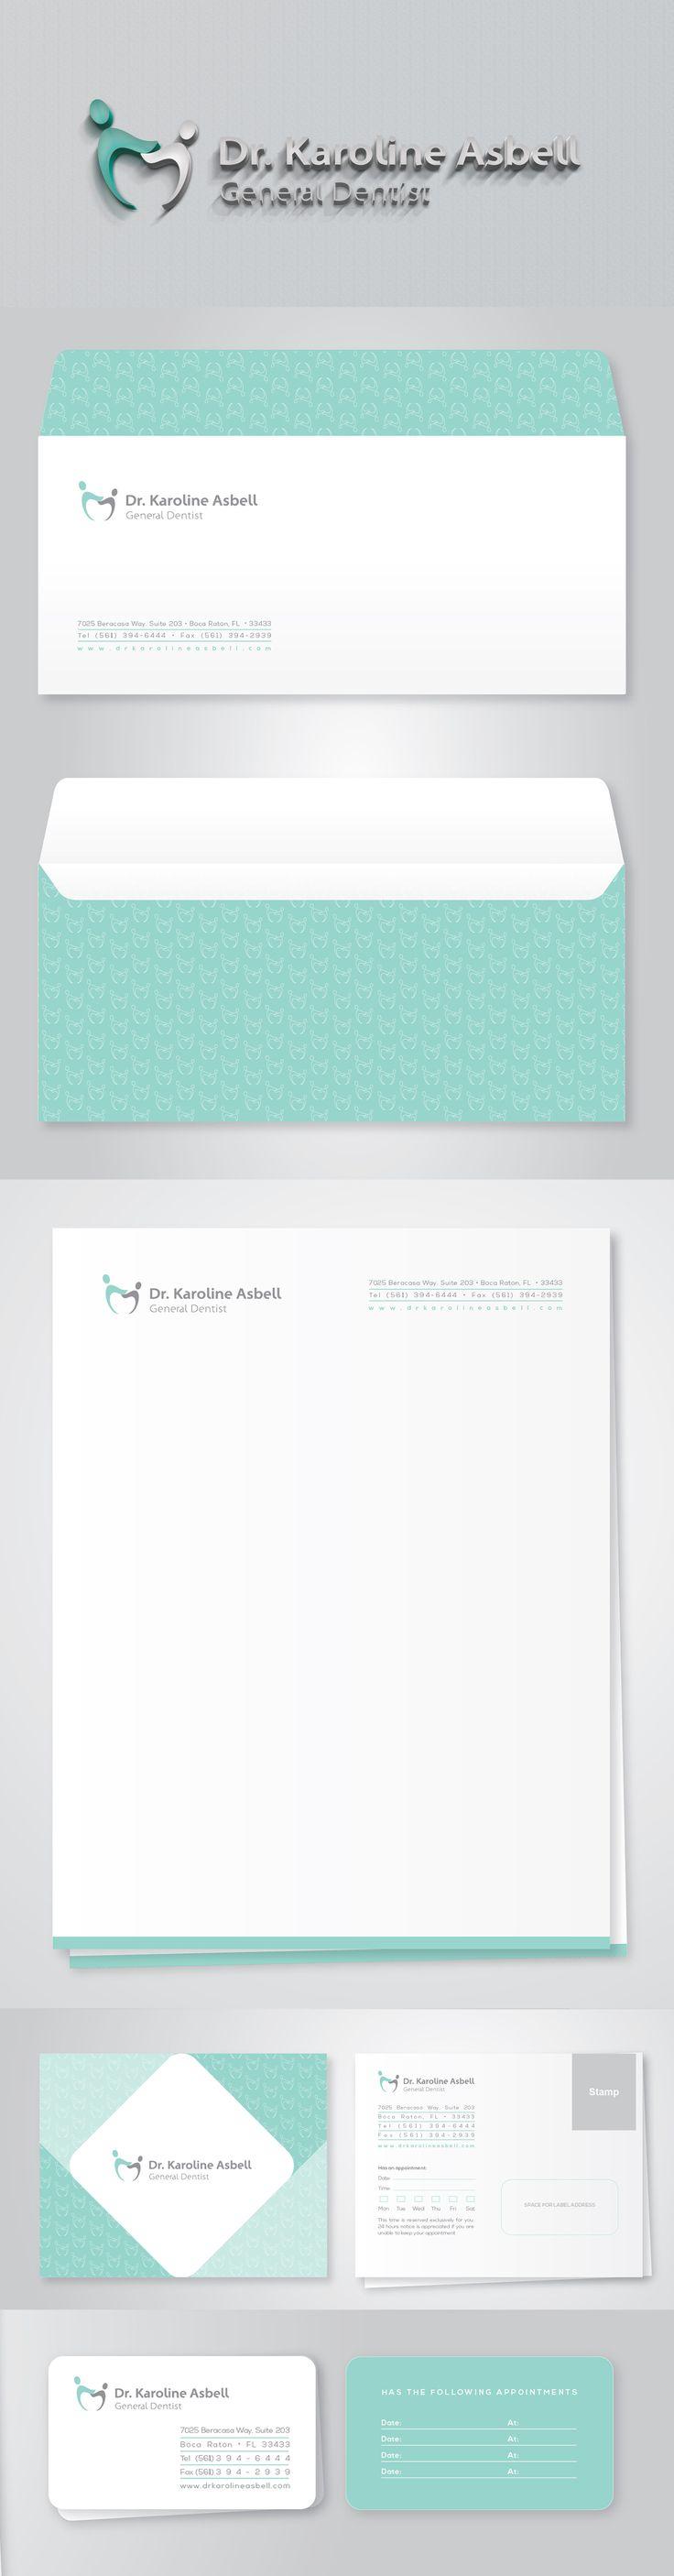 Logotipo e papelaria - Consultório Dentário Logotype and Stationery - Dental Office